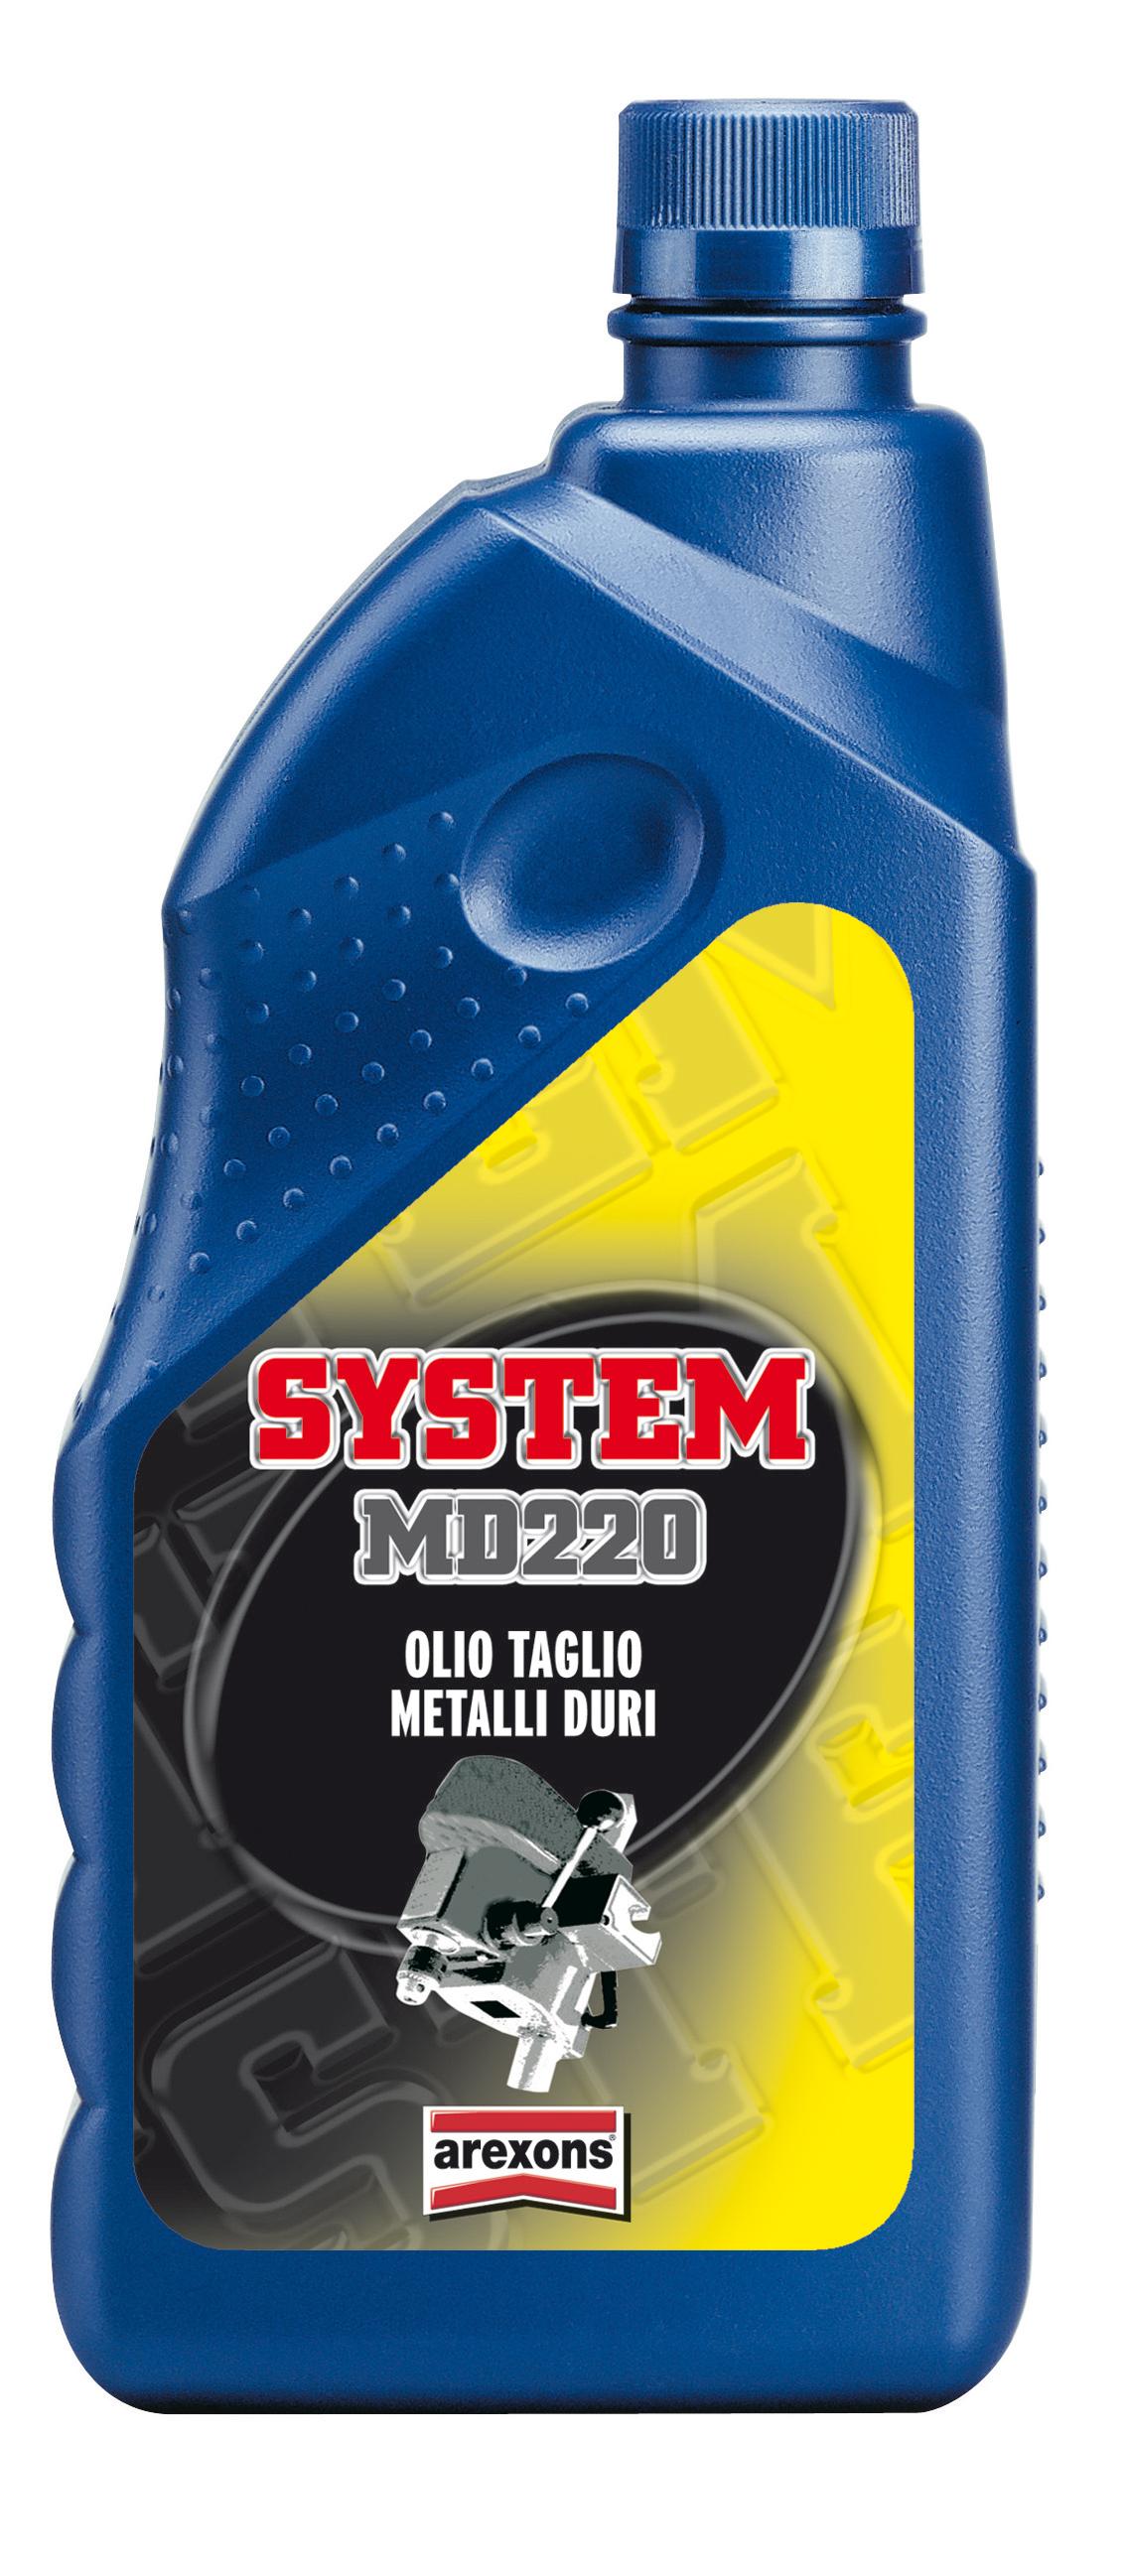 MD220 - Řezání těžkých kovů olejovým proudem